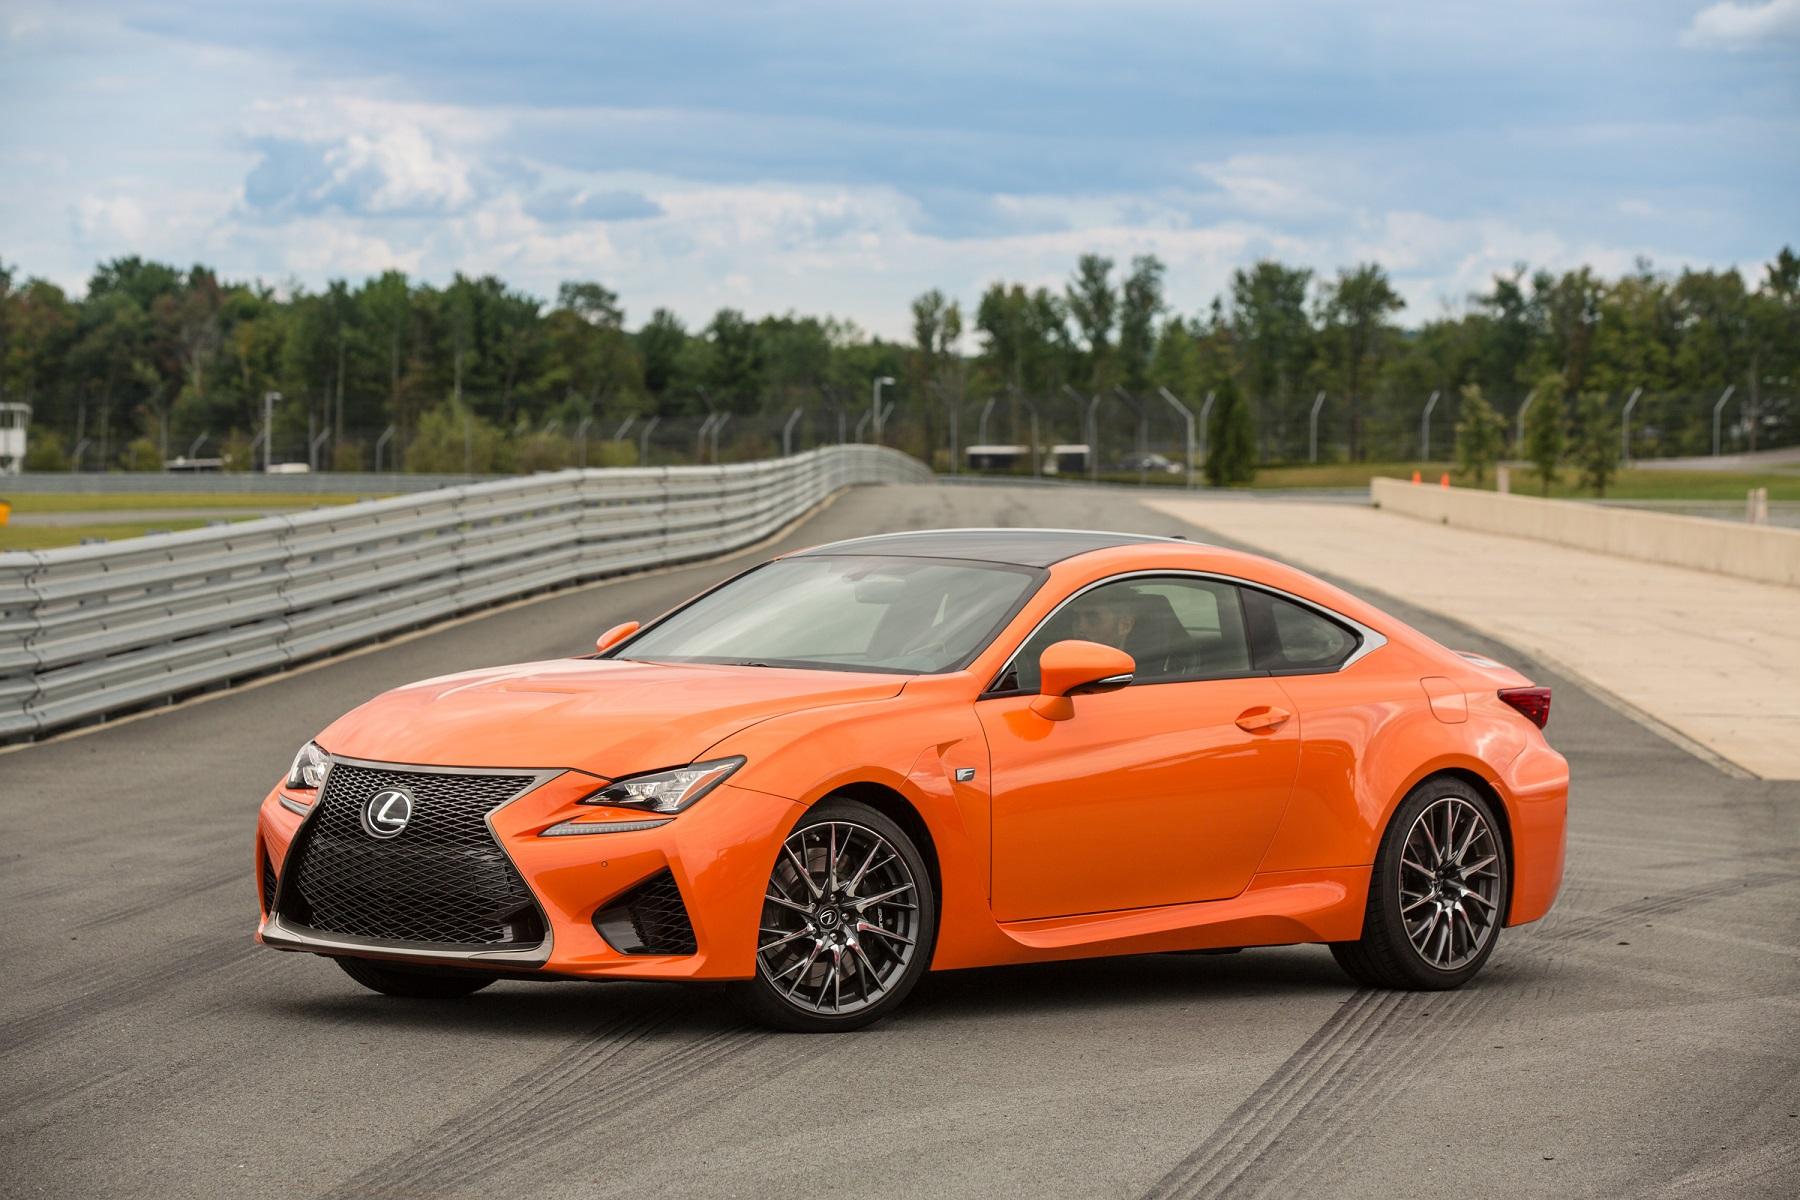 Lexus Two Door >> Lexus gets radical with 2015 2-door RC coupe lineup